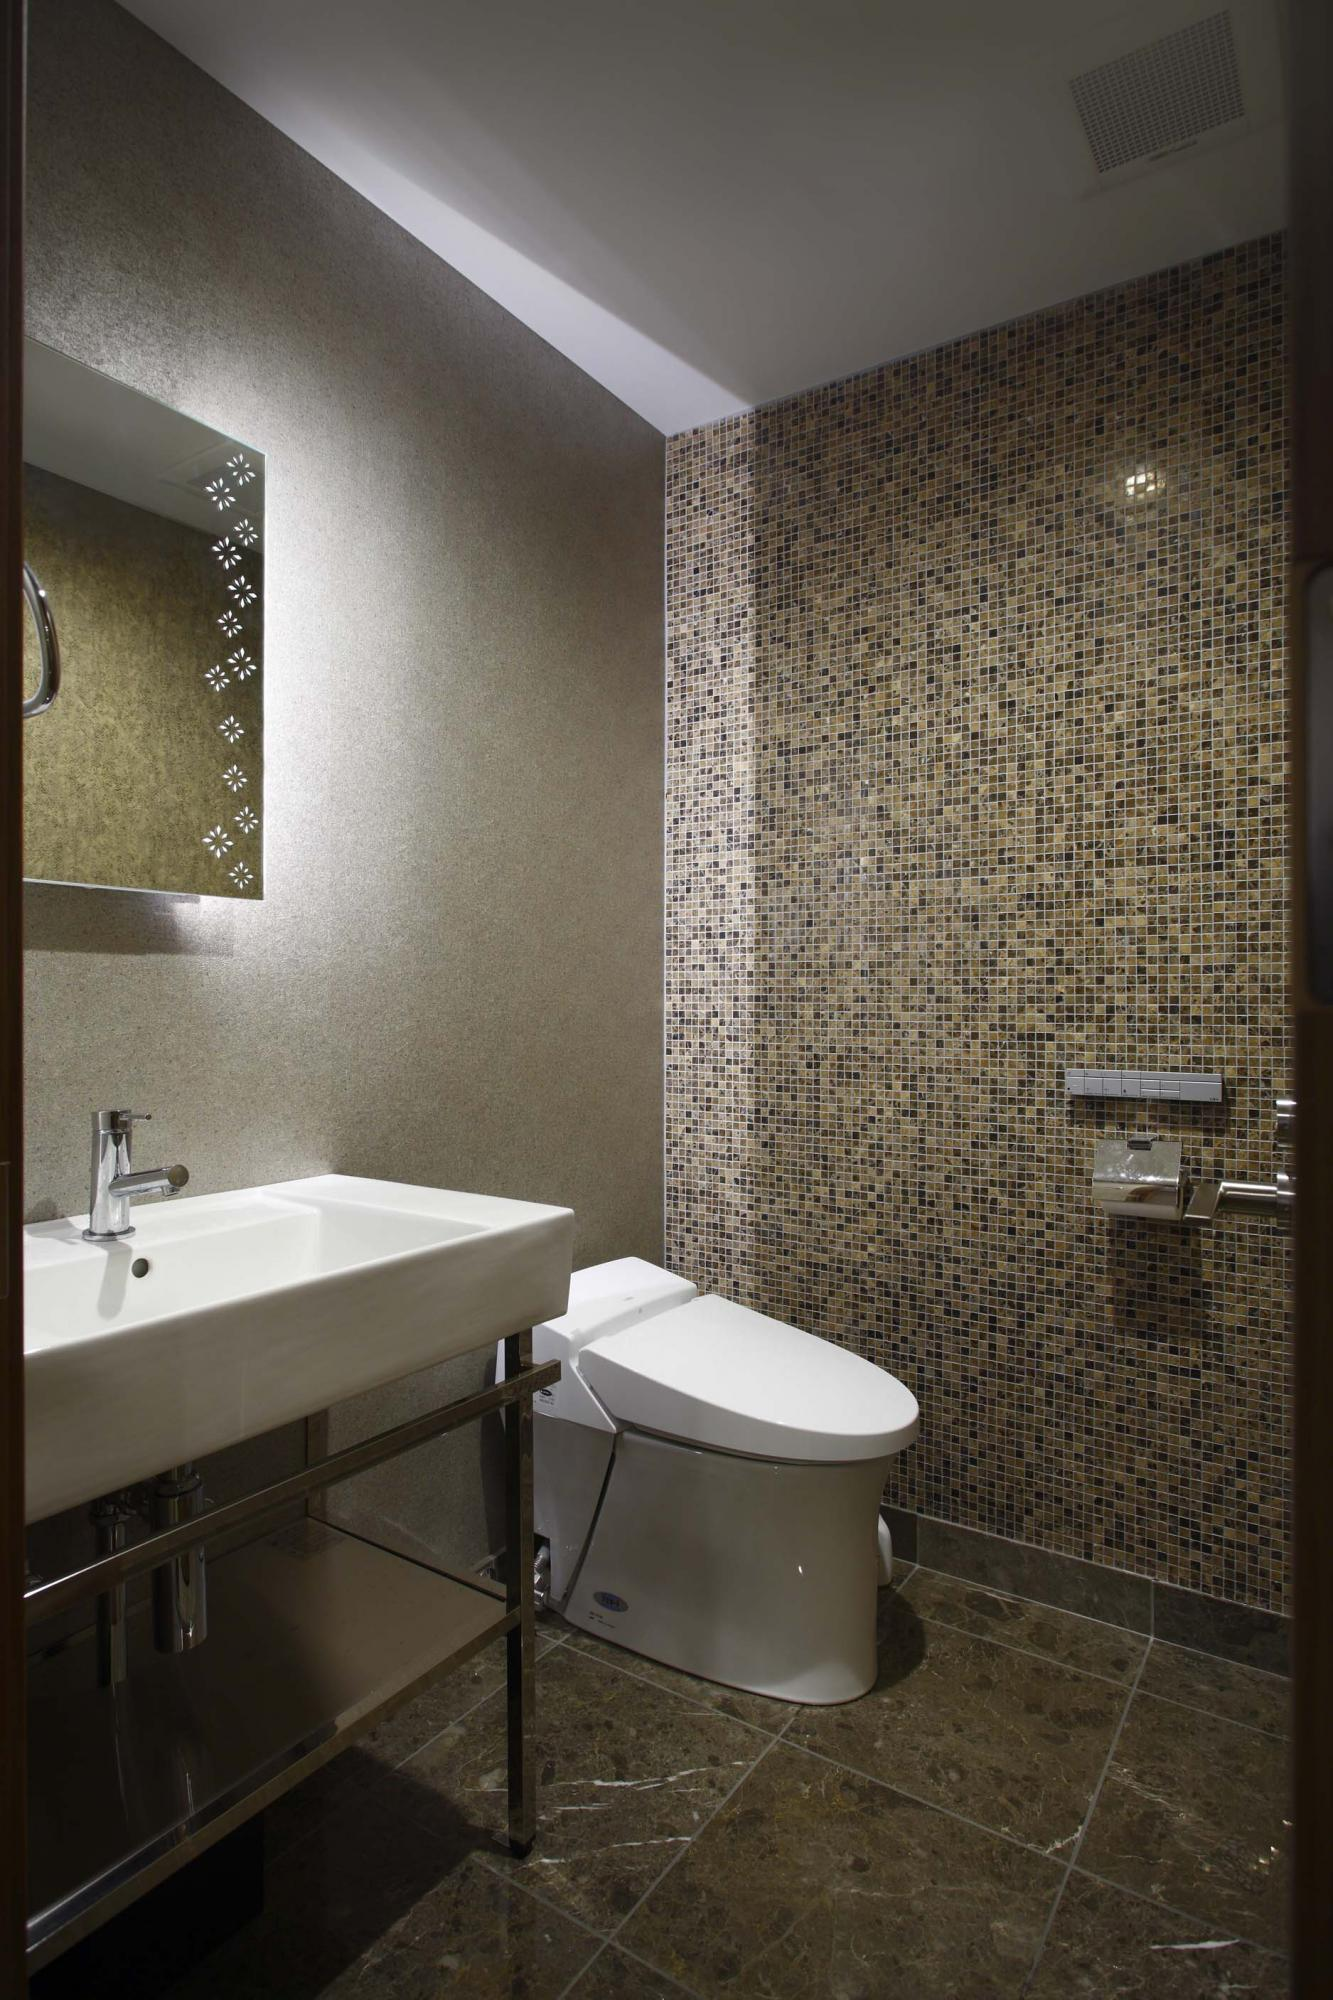 玄関ホールのすぐ左手にあるトイレはクロスにこだわり、一面はご主人がロサンゼルスから持参したデザインクロスを貼り、もう一面はモザイクタイルを使用。またミラーの後ろに間接照明を組み込み、壁に陰影をつけて雰囲気を出した。